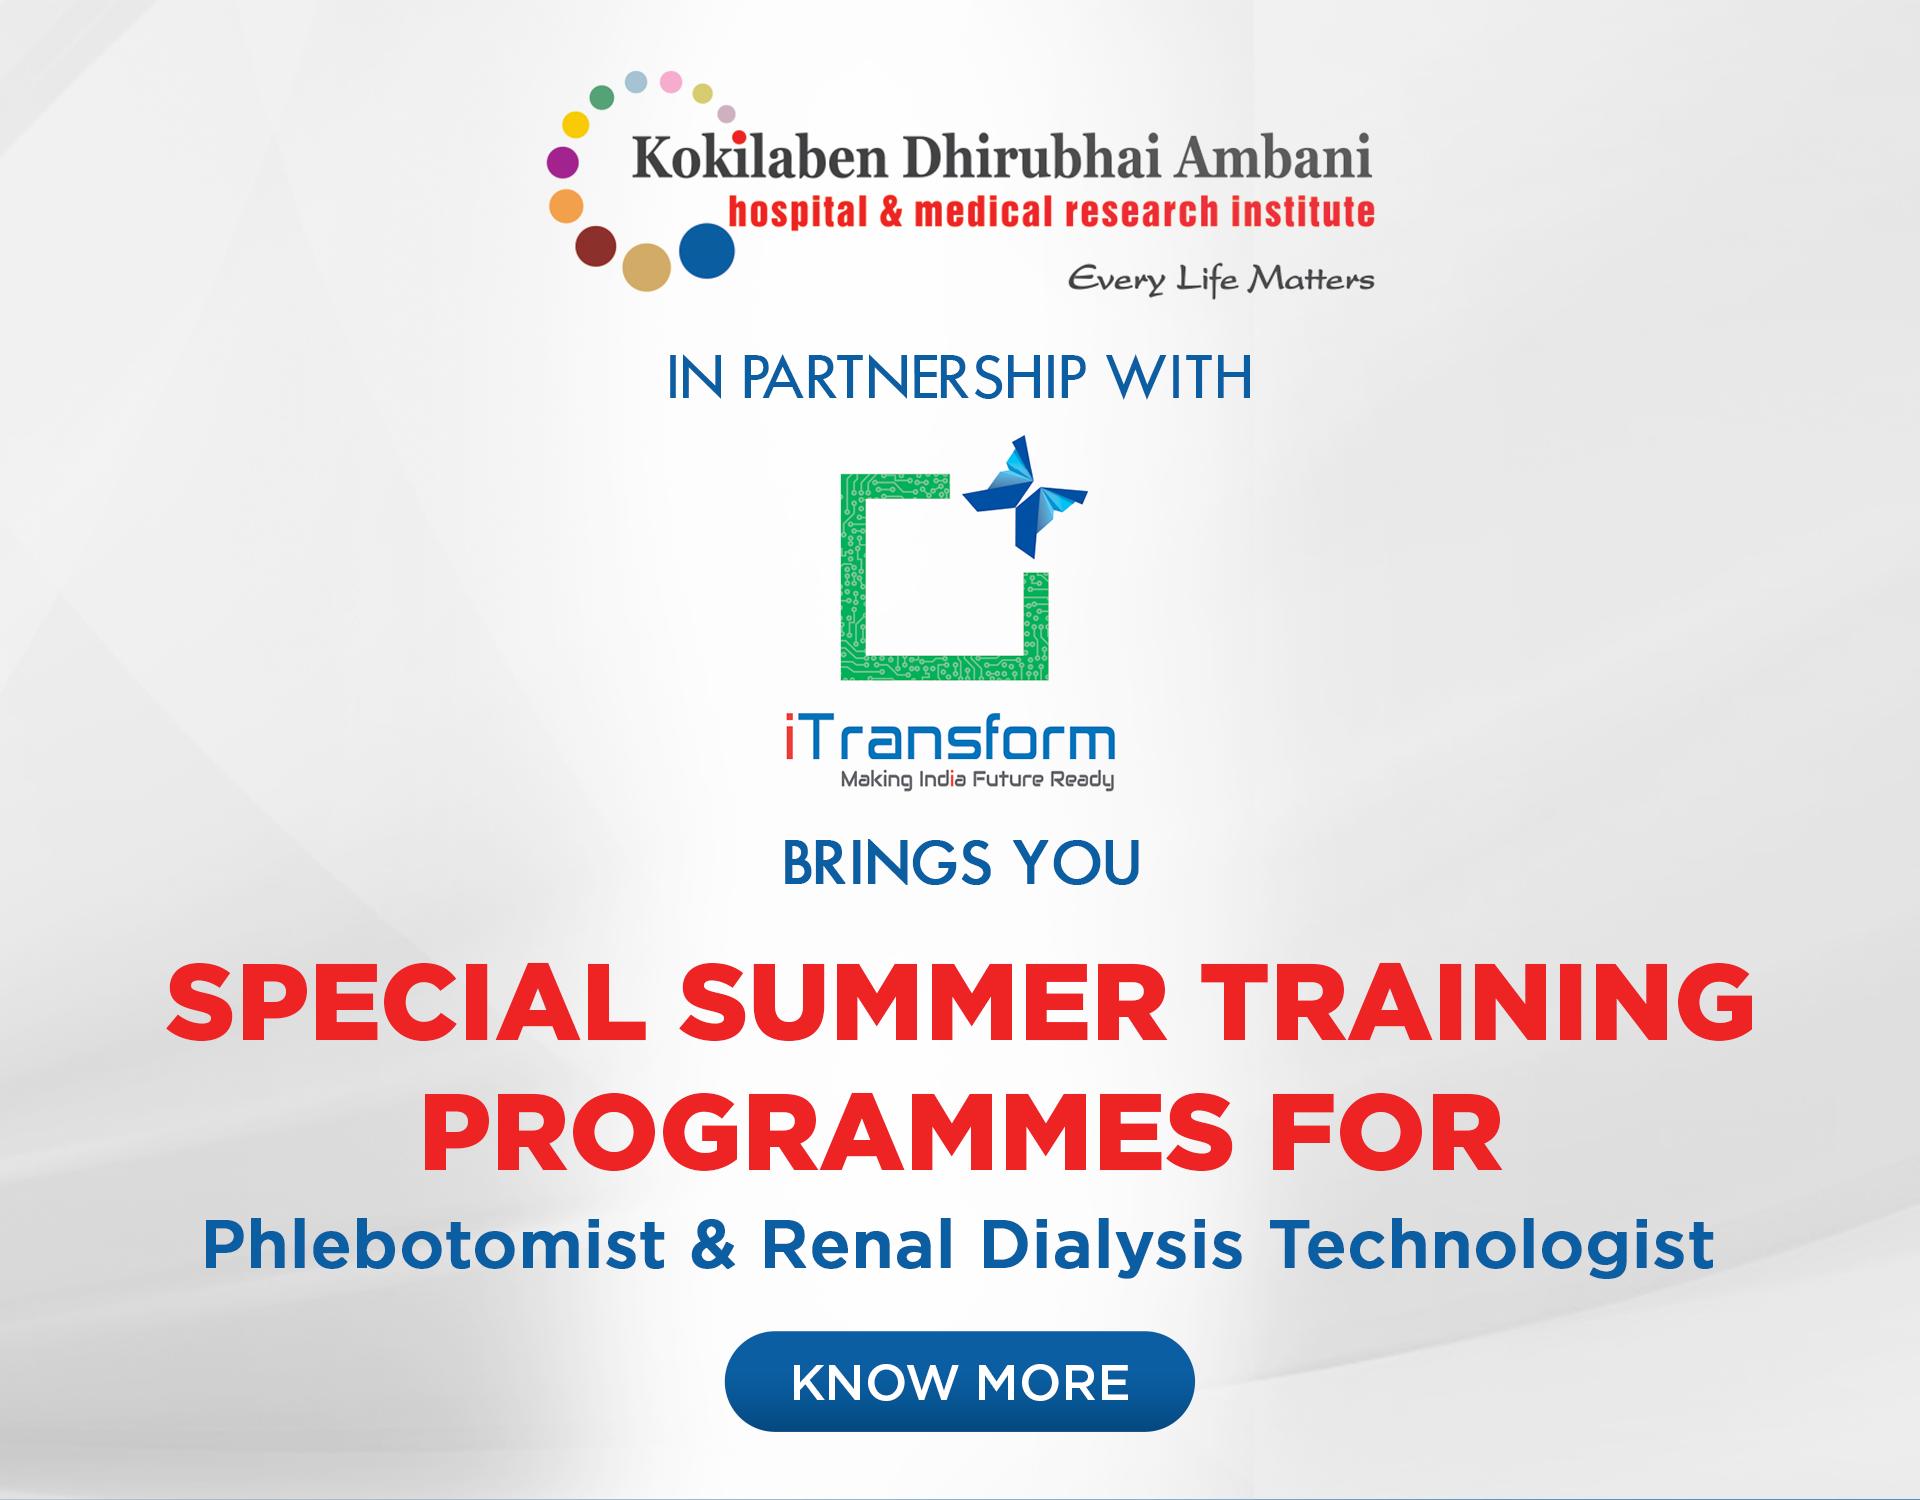 Kokilaben Dhirubhai Ambani Hospital - Special Summer Training Programmes For